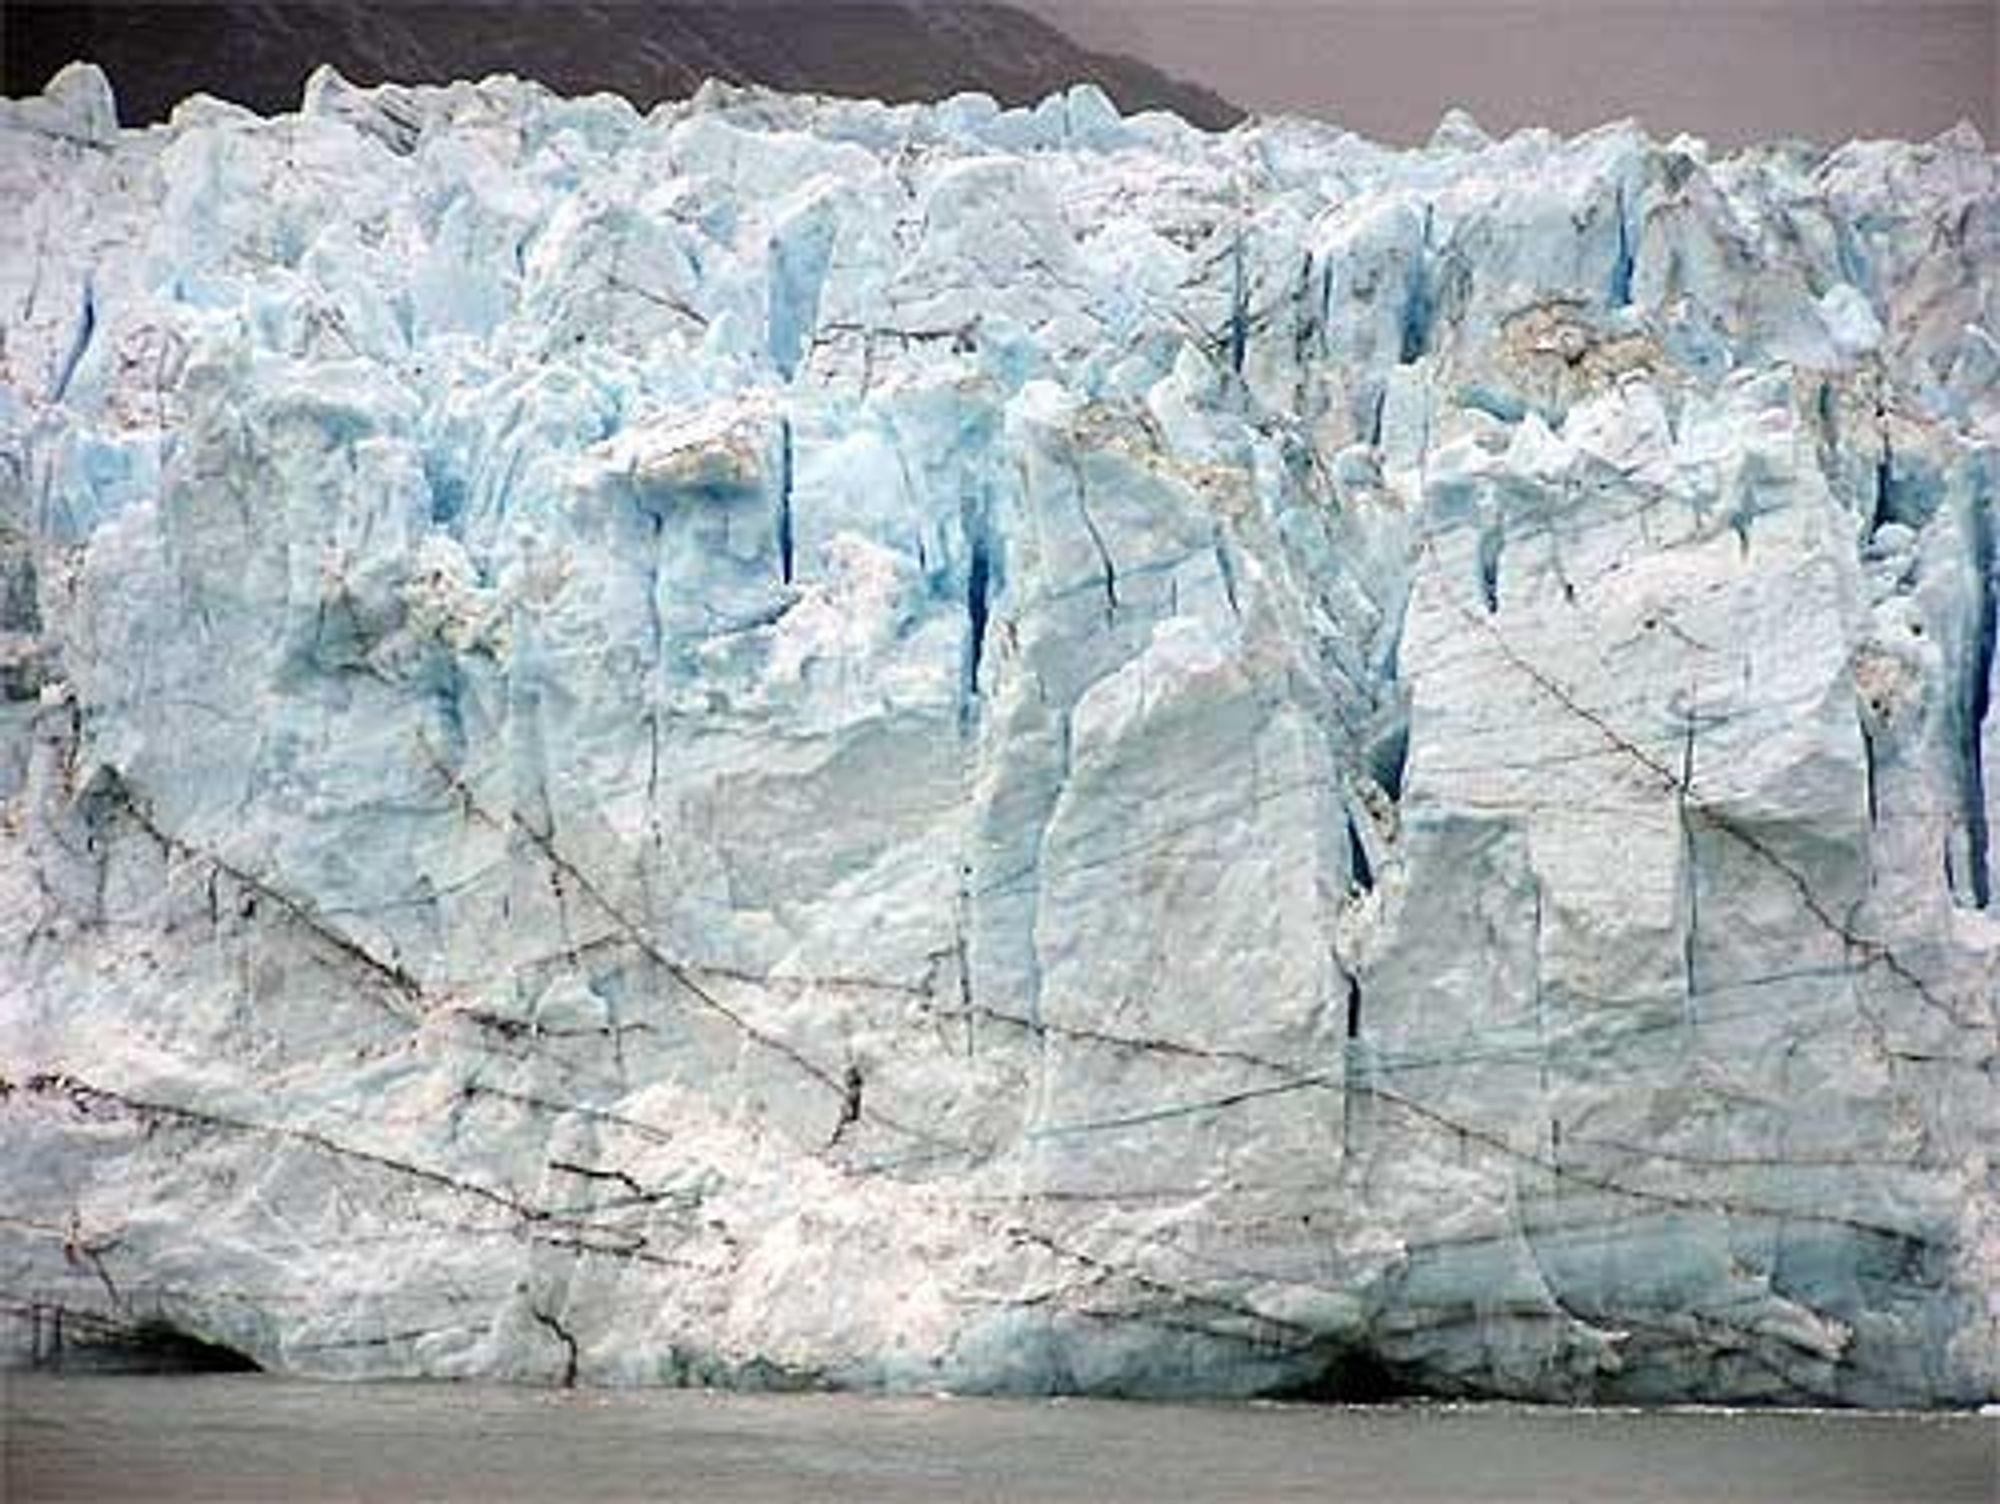 Isen i Arktis og Antarktis smelter og permafrosten forsvinner fra større områder. Klimaet endres raskere og det er vi mennesker delvis skyld i, hevder FNs klimapanel.